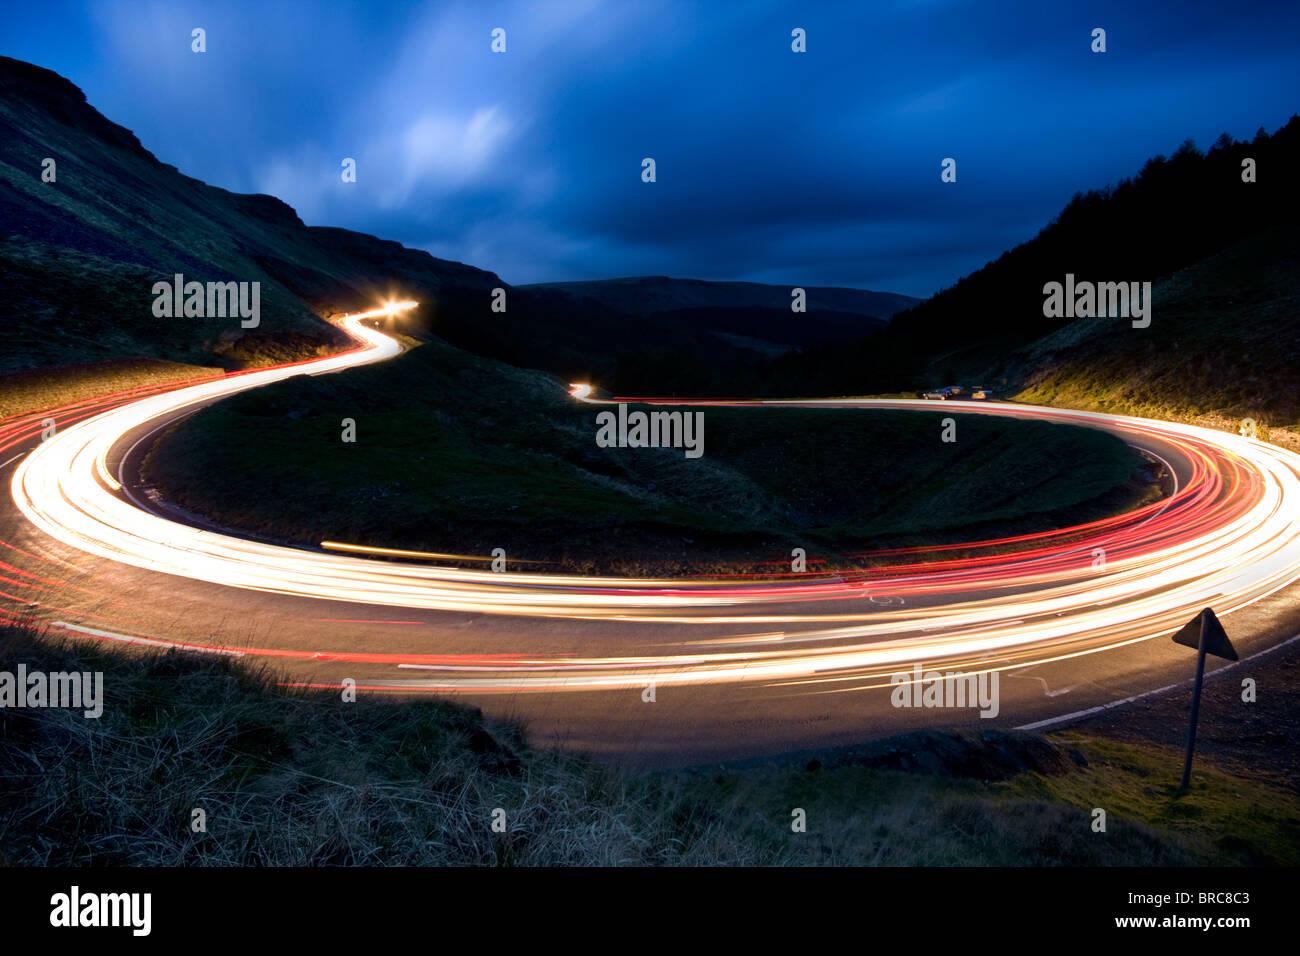 Les phares de voitures autour d'un virage en épingle sur un col mounatin en Galles du Sud. Photo Stock